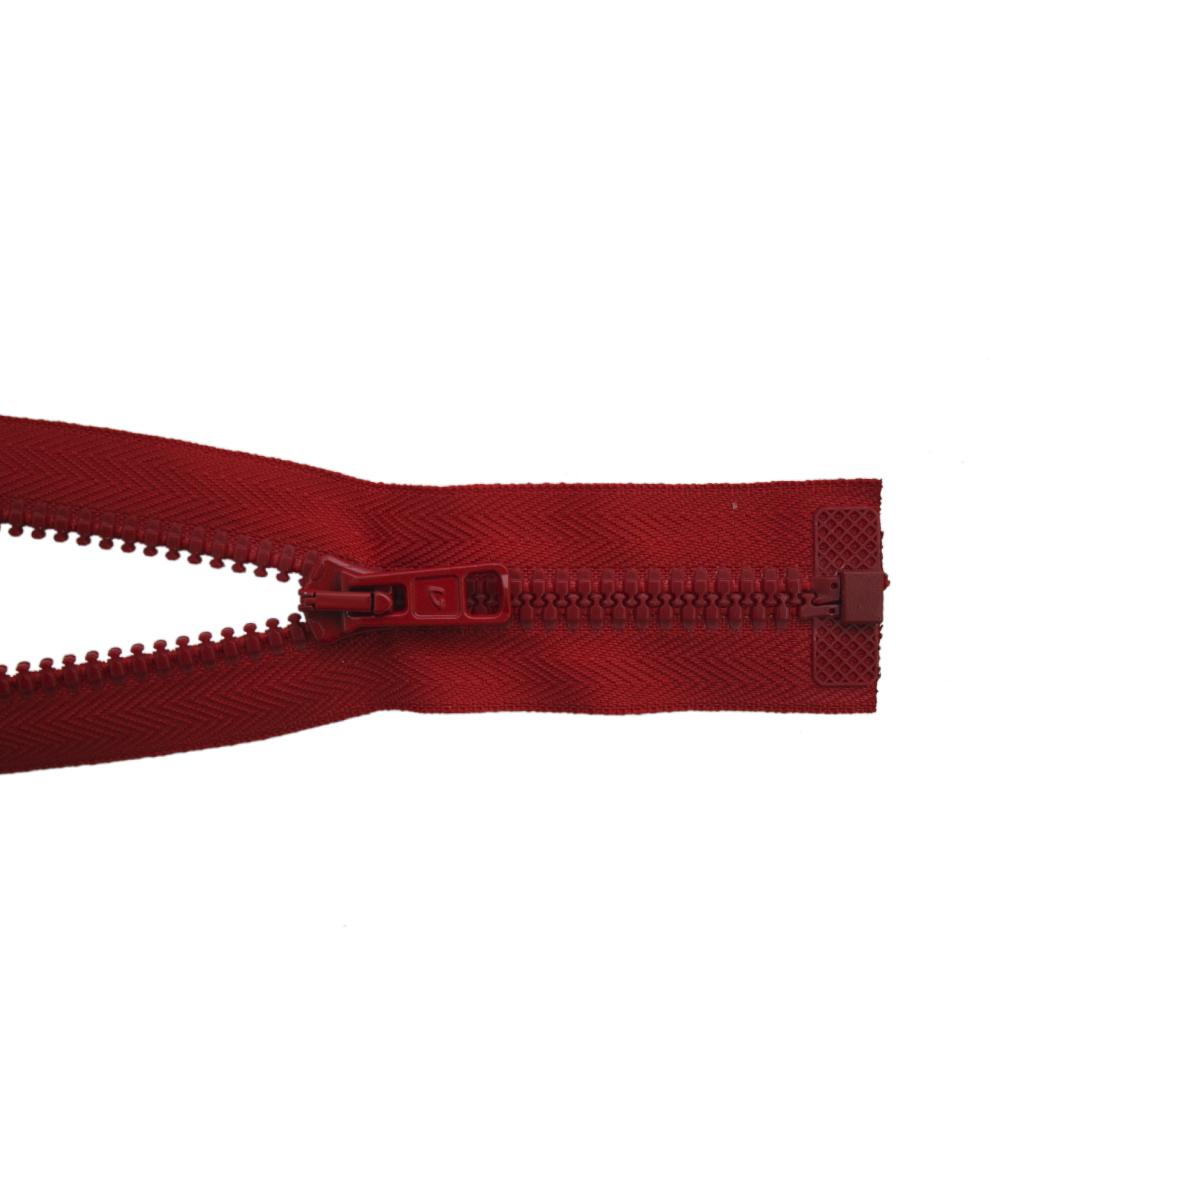 Застежка-молния трактор Arta-F, разъемная (1 замок,Т6) , цвет: красный (008), 85 см19385-008Продукция ARTA-F сертифицирована на Российский, Британский и Латвийский стандарт. Фурнитура ARTA-F изготавливается из европейских материалов, на современном оборудовании, в соответствии с высокими требованиями стандартов. Вся продукция фабрики проходит тесты на качество.Звено застежки-молнии Экстра имеет боковые приливы, которые исключают контакт замка с текстильной лентой, а сокращенный до минимума зазор между замком и приливами звена предохраняет от возможности попадания в замок подкладки, меха, нитей. В то же время эти меры повышают прочность застежки при высоких нагрузках, особенно на изгиб. Применение таких приливов на молниях ARTA-F не только повышает эксплуатационные качества застежки, но и увеличивает прочность крепления звена к ленте, и продлевает срок службы застежек-молний ARTA-F. Такая застежка-молния безопасна, легка в использовании и не повредит одежду.